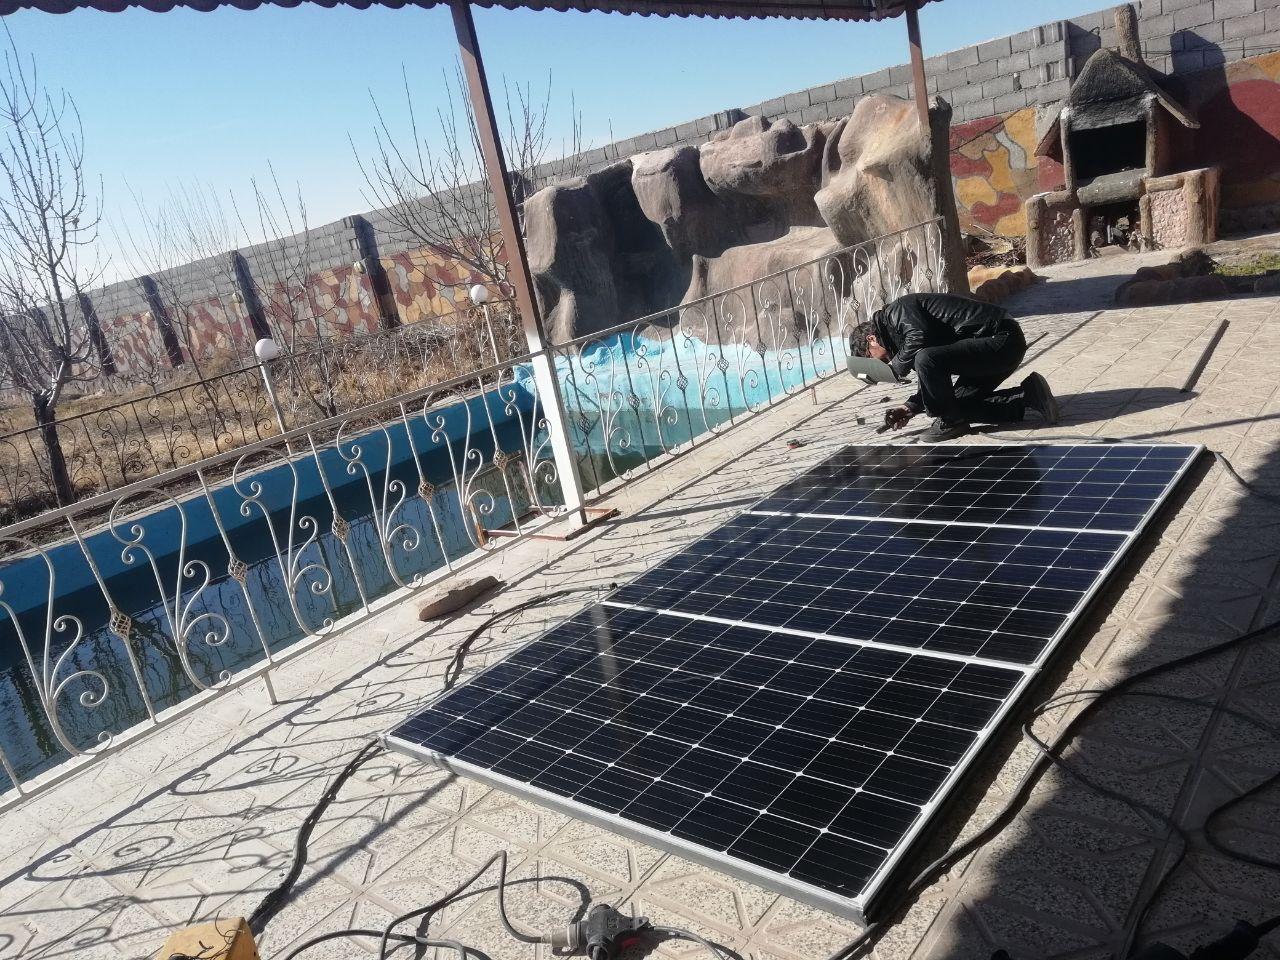 سیستم برق خورشیدی برای تامین مصارف باغ و ویلا